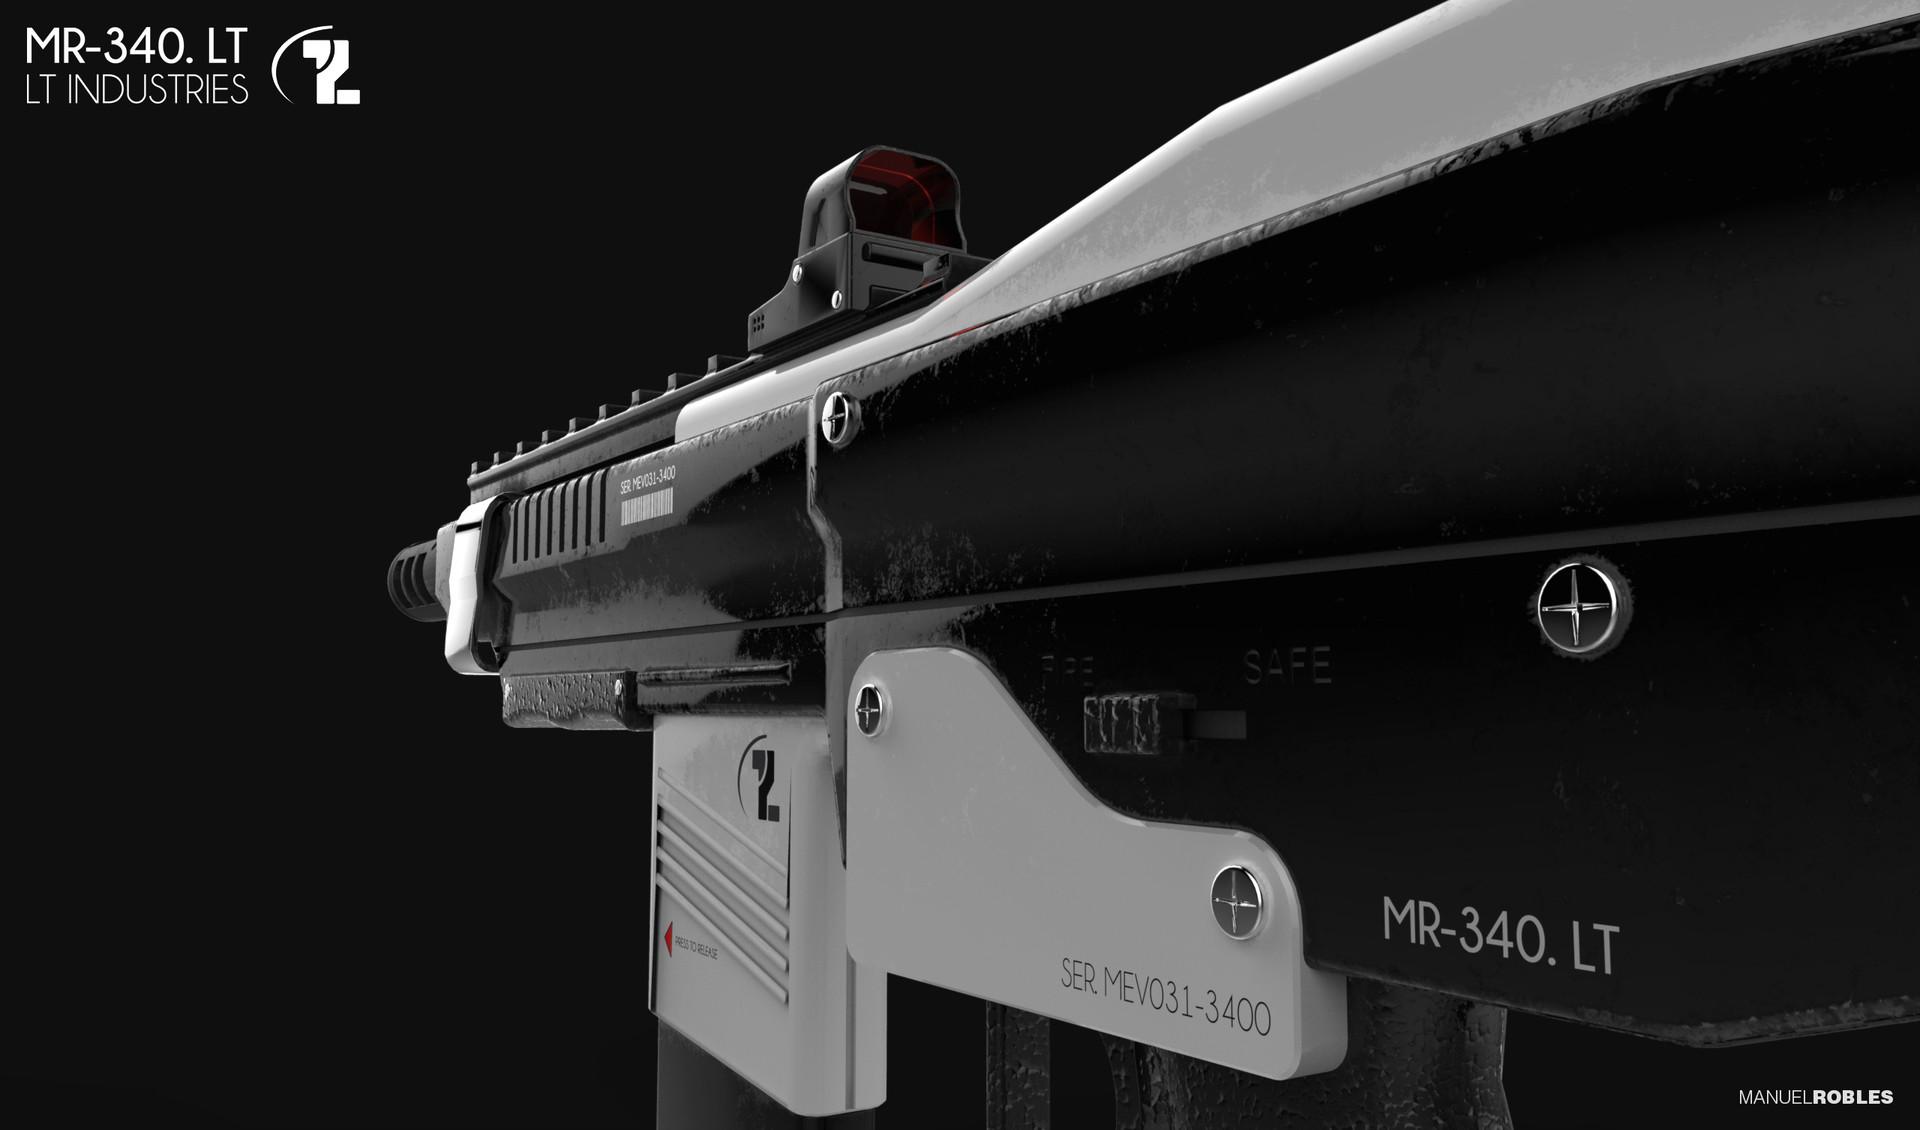 Manuel robles gun2 labels v02